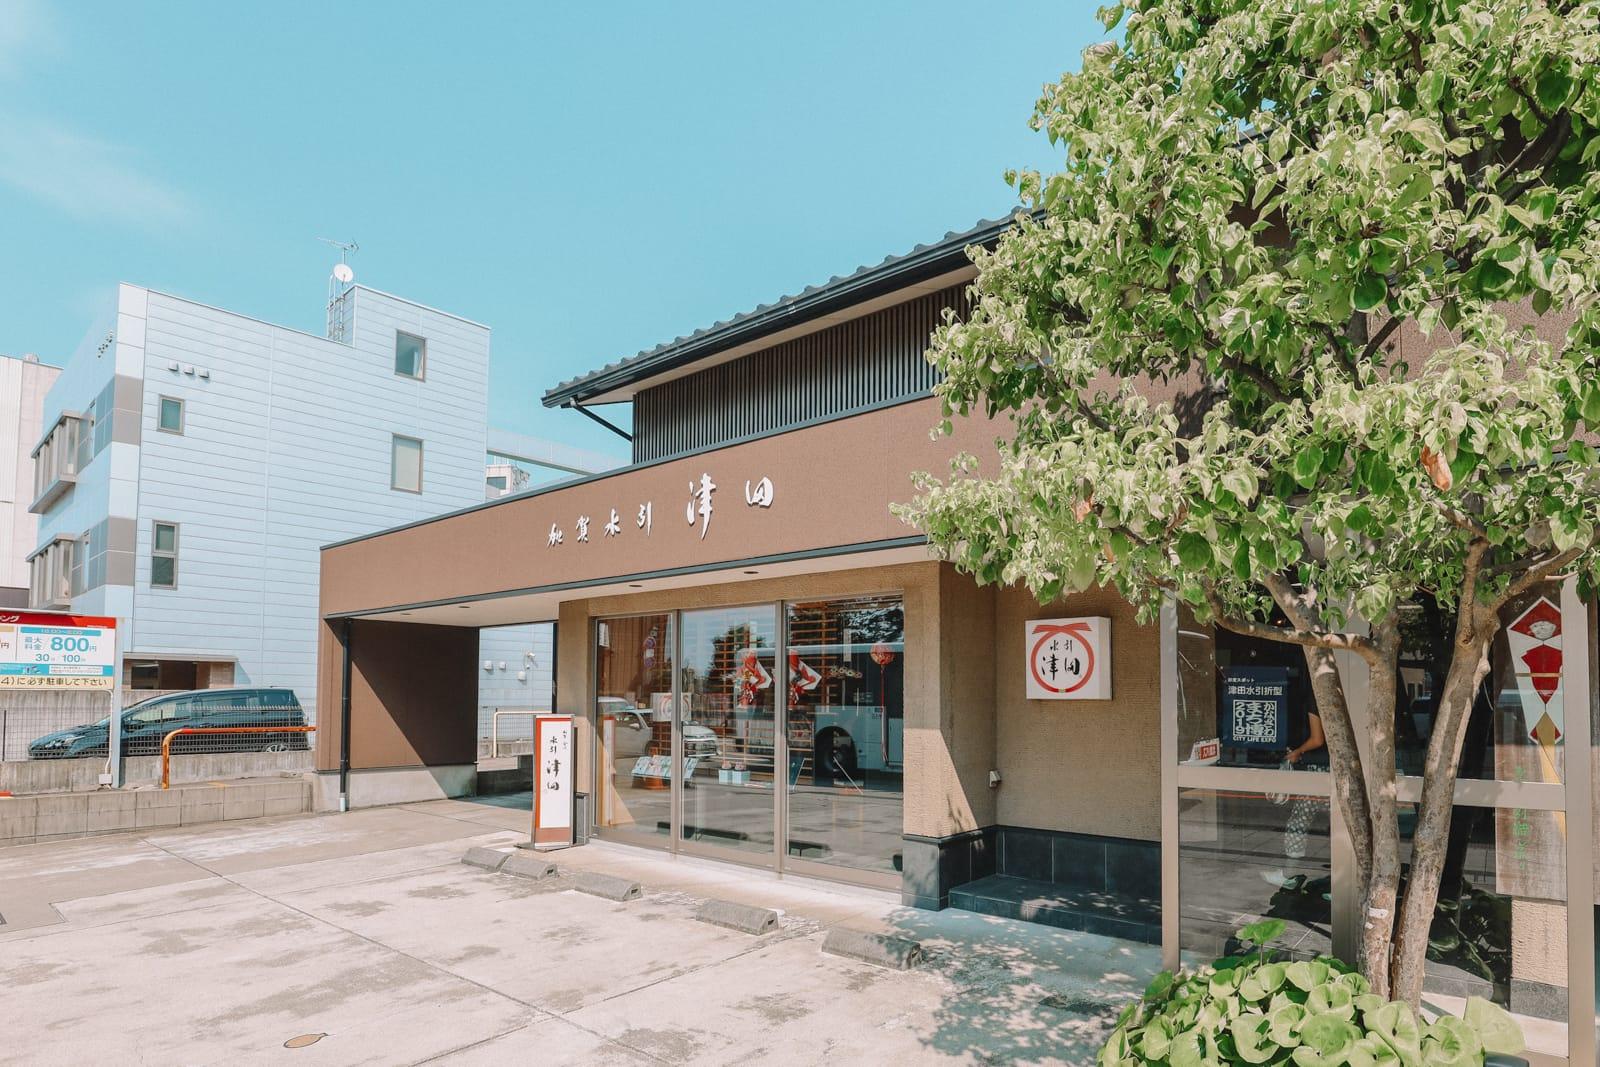 Visiting The Geisha District And Kaiseki Dining In Kanazawa - Japan (7)